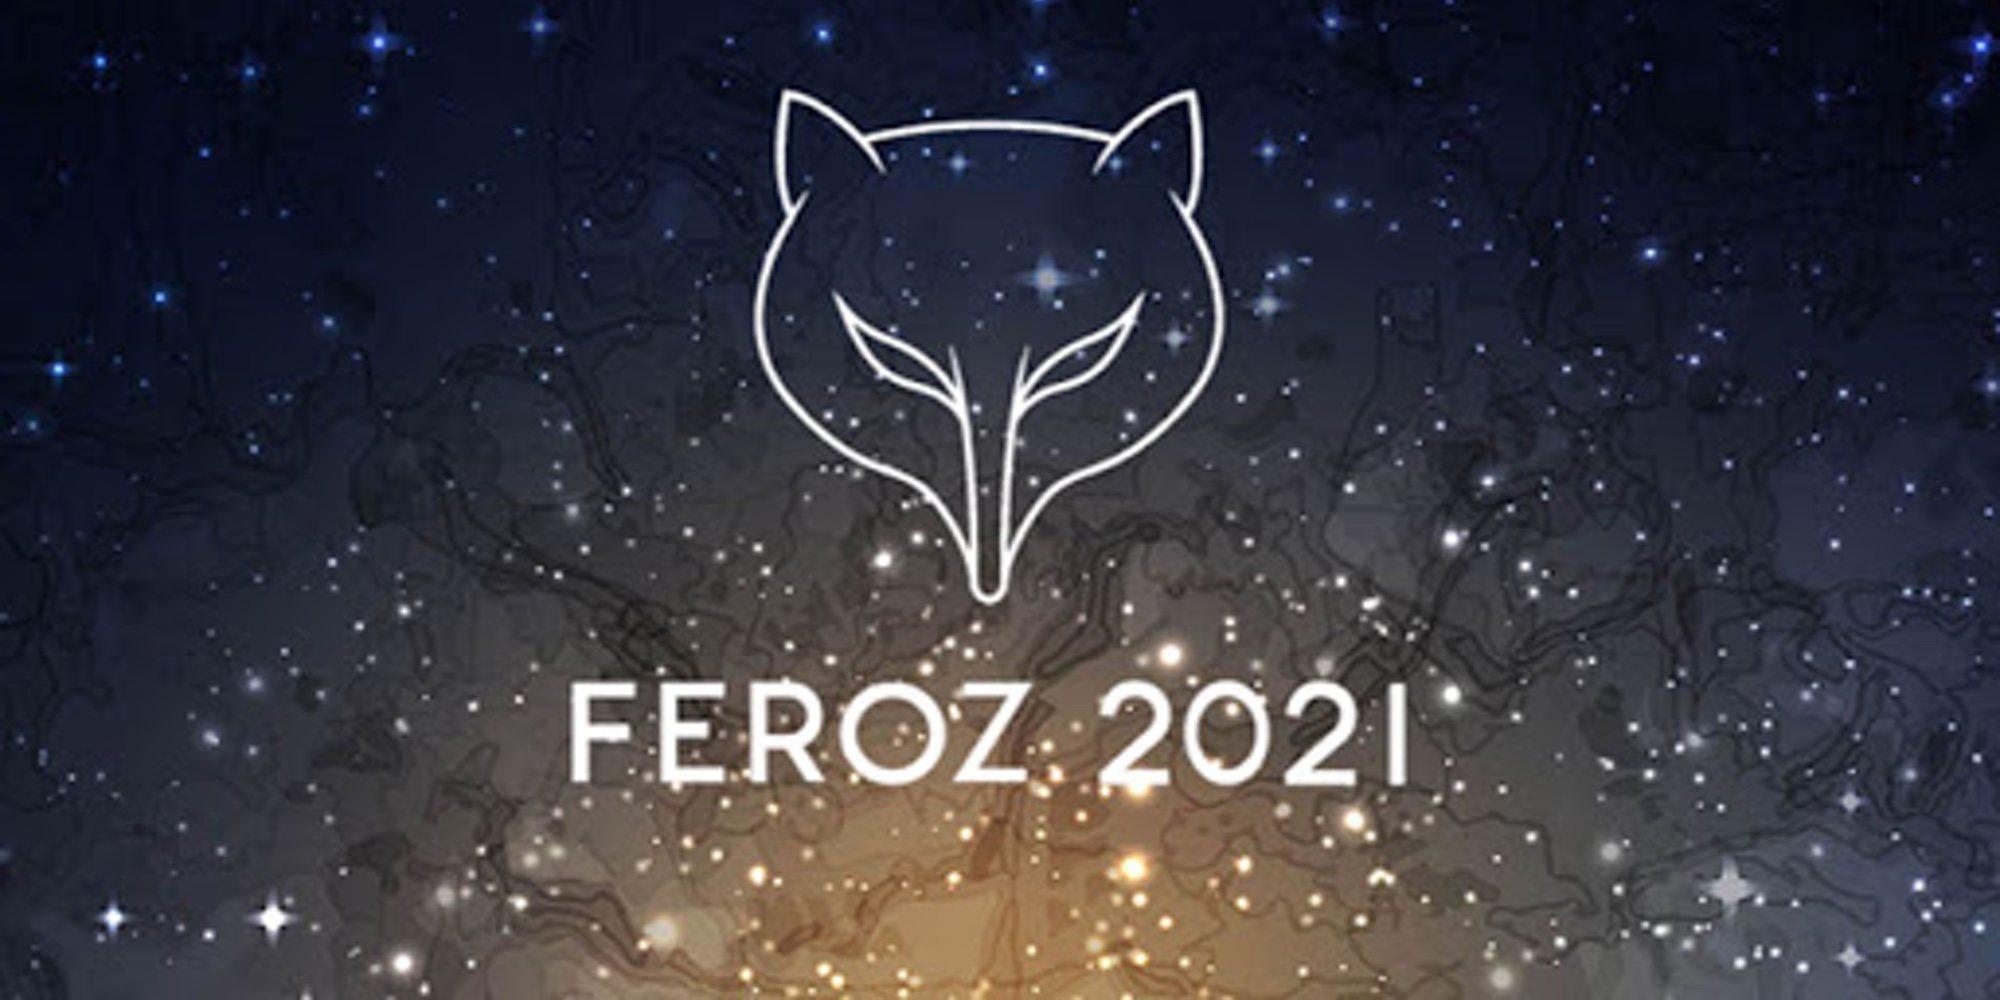 Lista completa de los ganadores de los Premios Feroz 2021